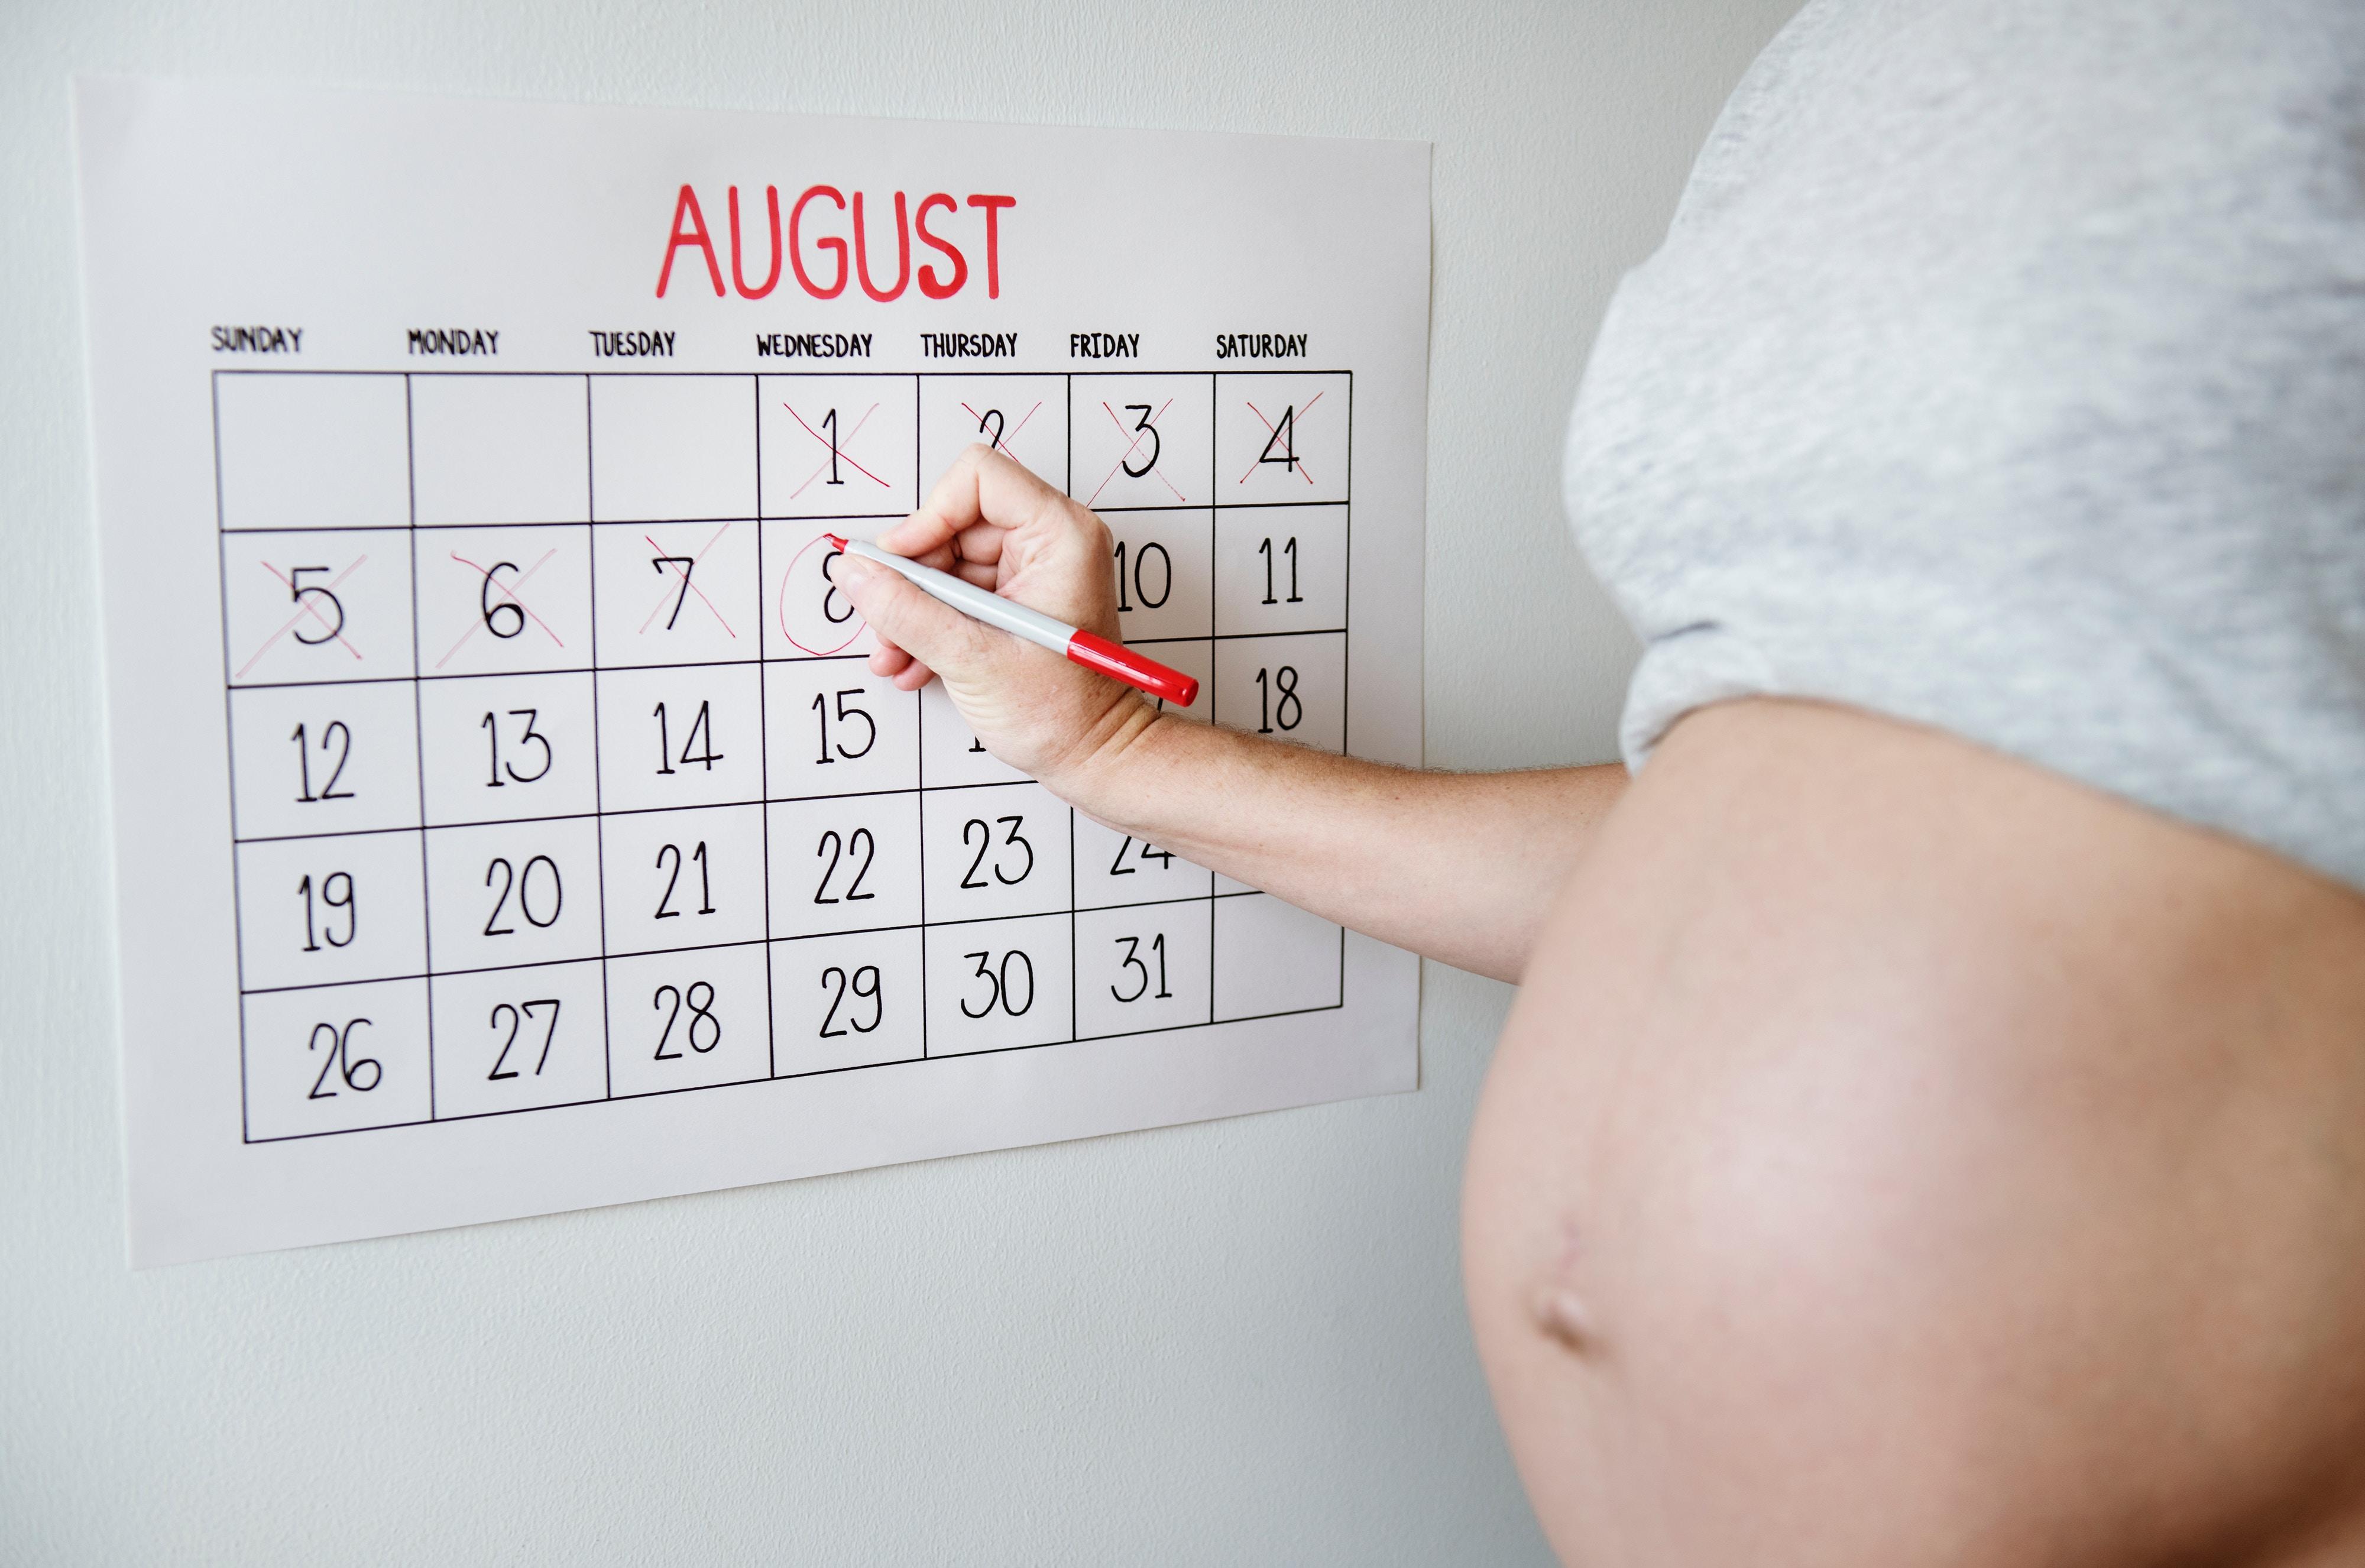 Schwangere Frau, die auf einem Kalender die Tage bis zur Geburt ankreuzt.